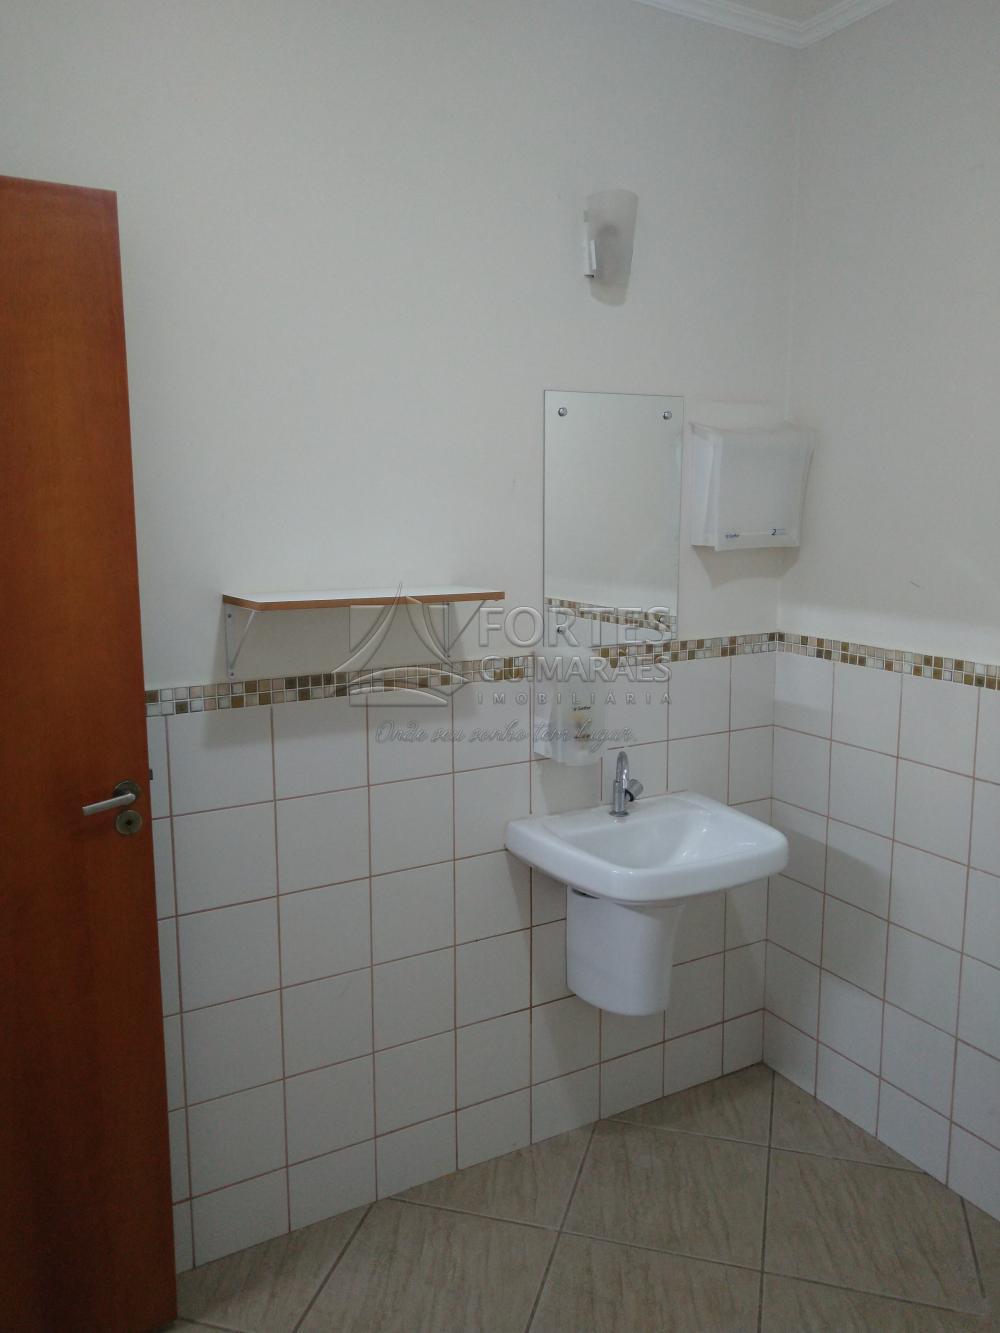 Alugar Comercial / Imóvel Comercial em Ribeirão Preto apenas R$ 12.000,00 - Foto 34